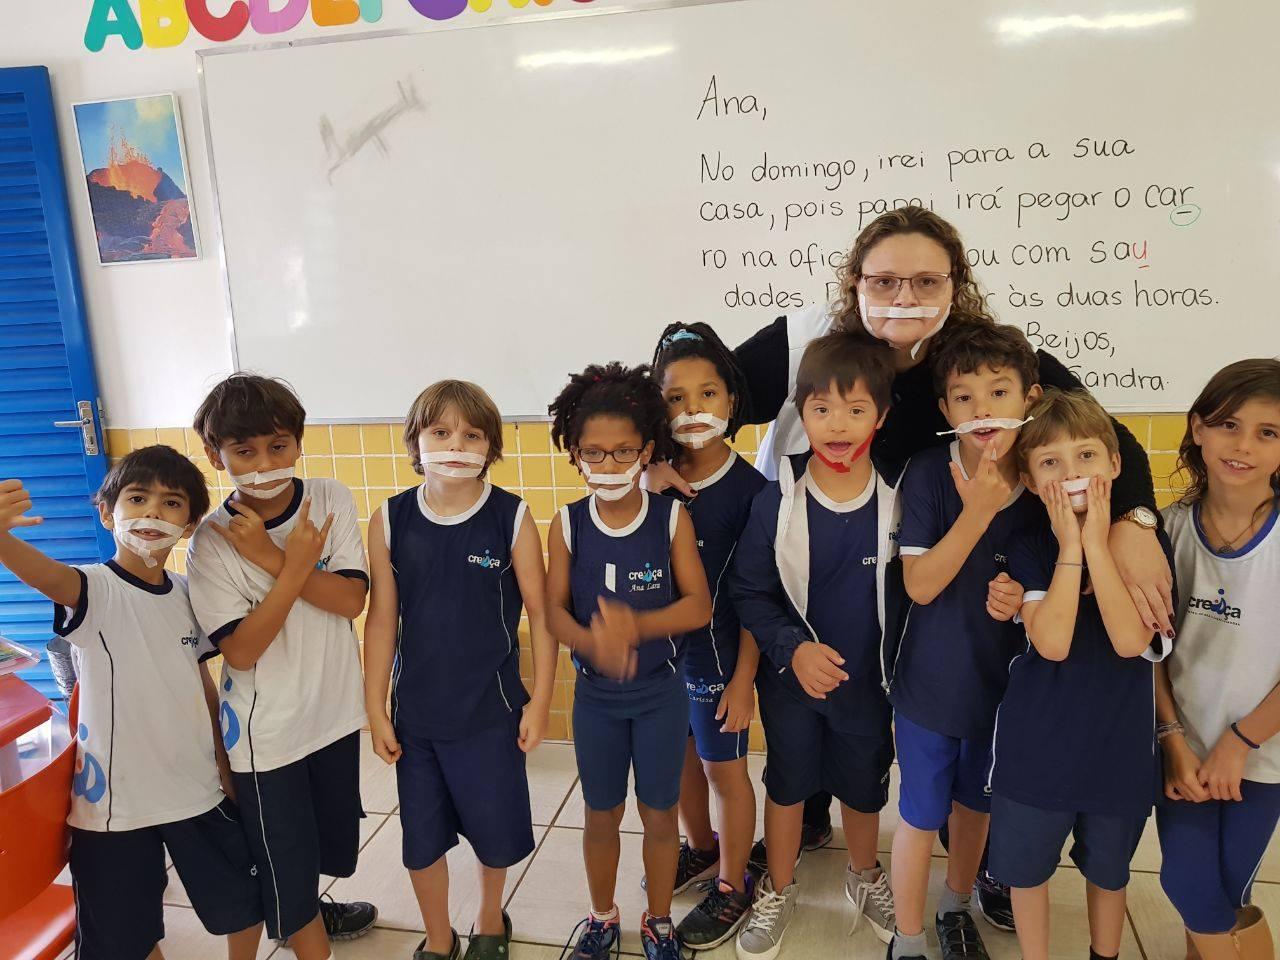 Crianças pedem para usar adesivo no rosto para ficarem iguais a colega com síndrome de Down que faz tratamento 4